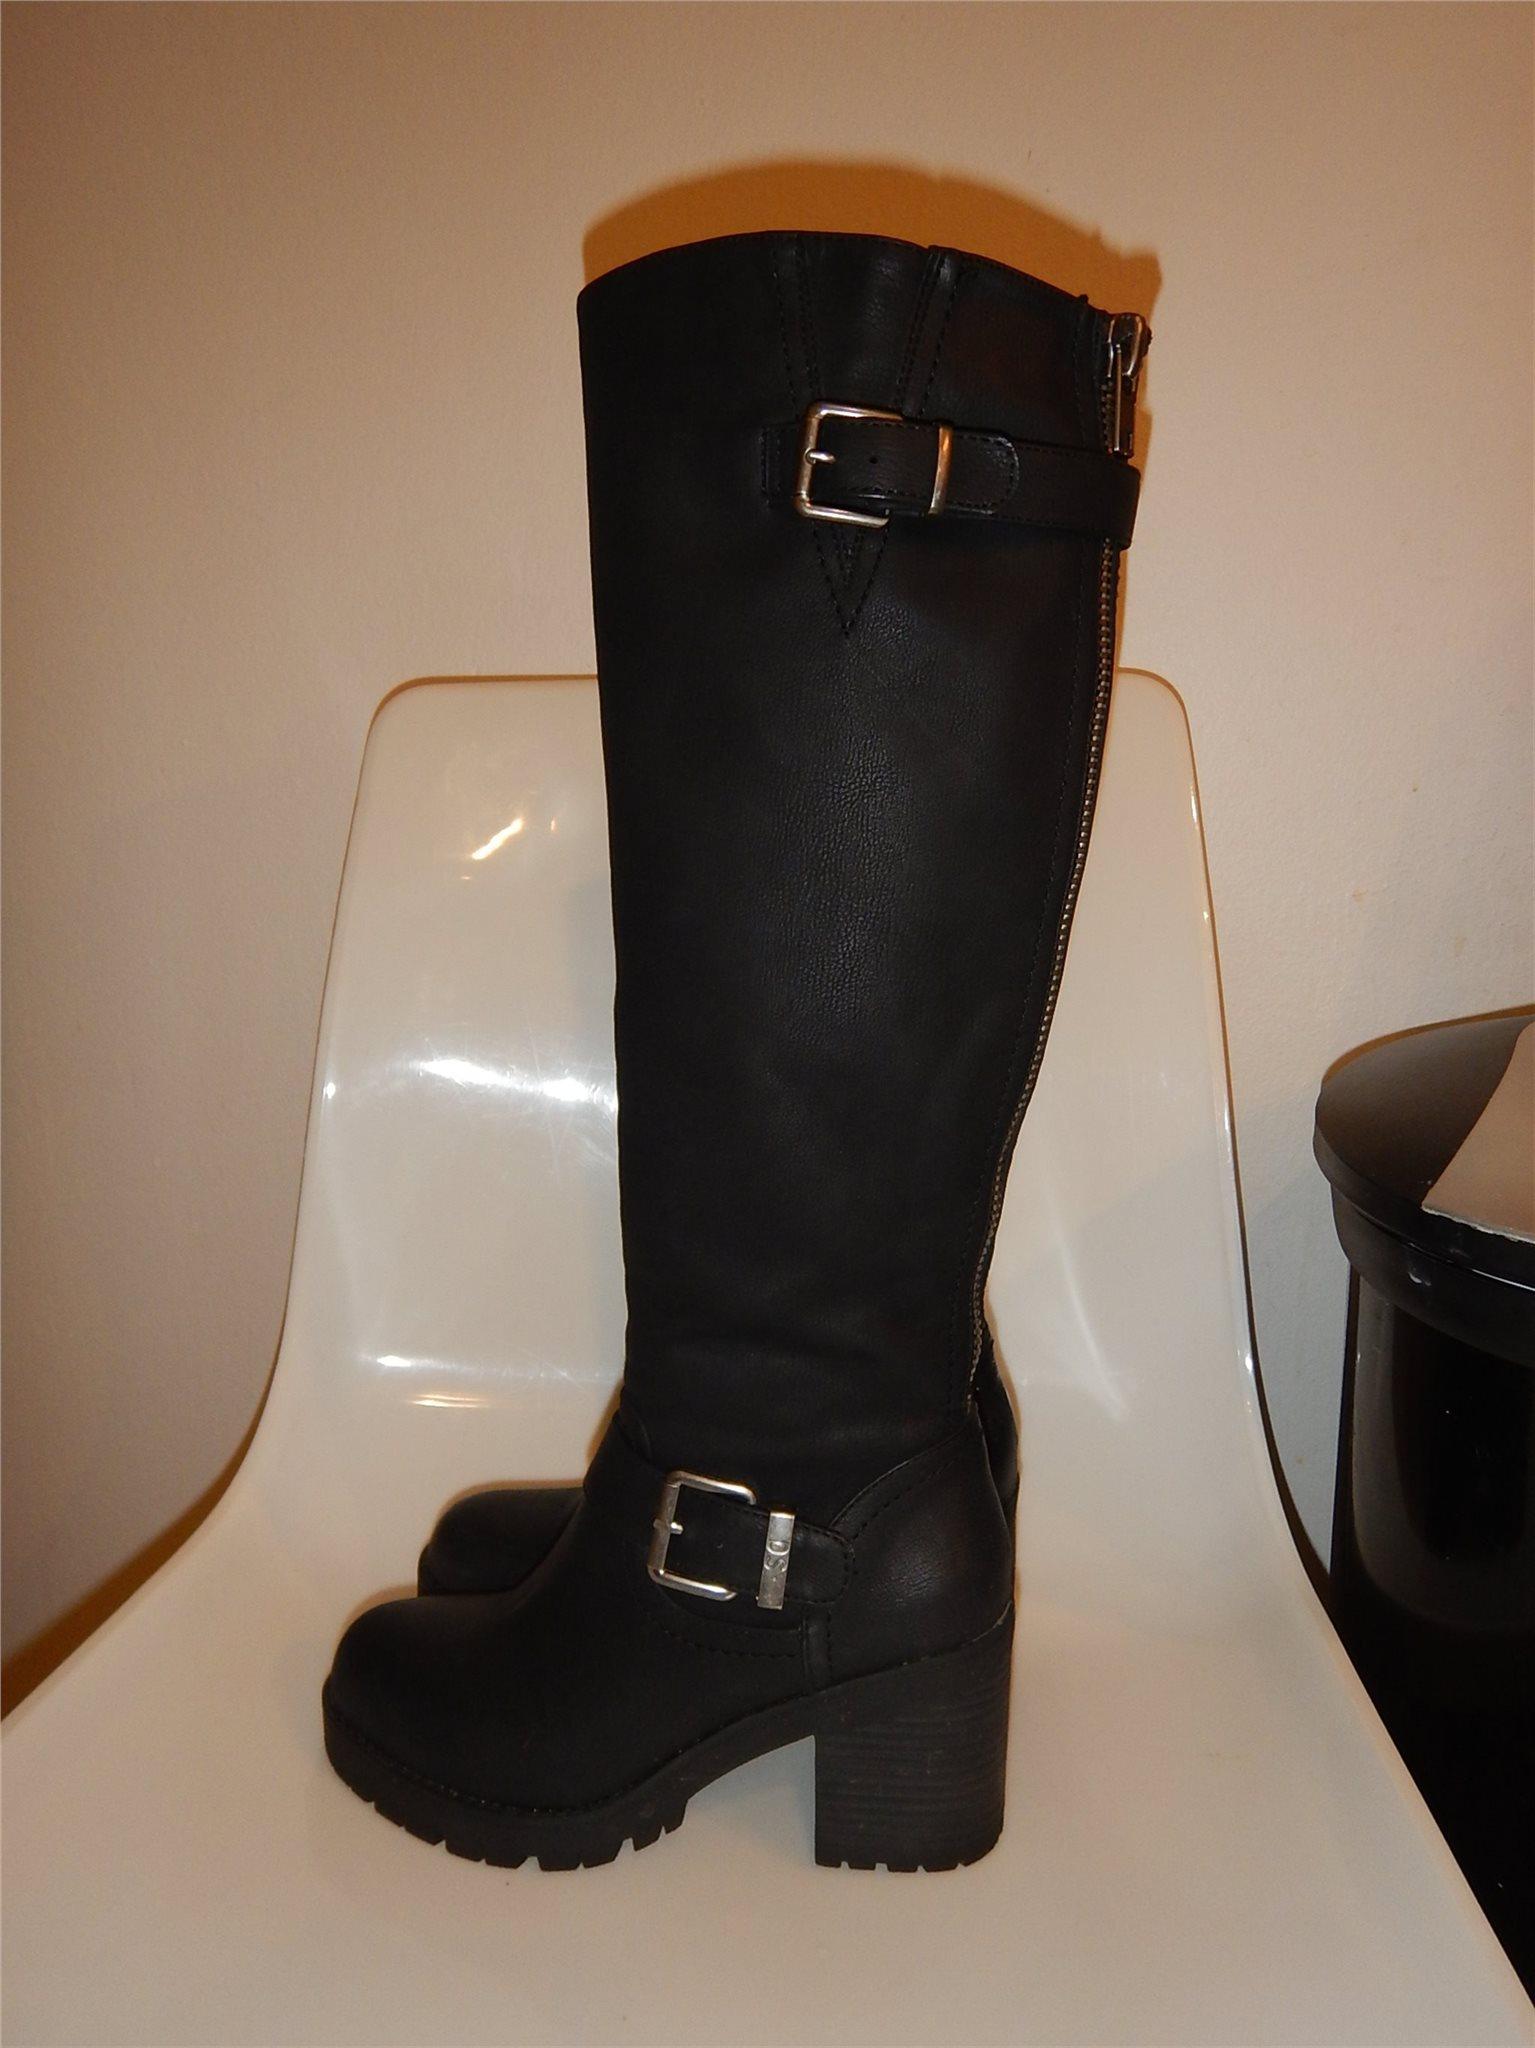 Svarta stövlar Din sko storlek 36 (338420918) ᐈ Köp på Tradera